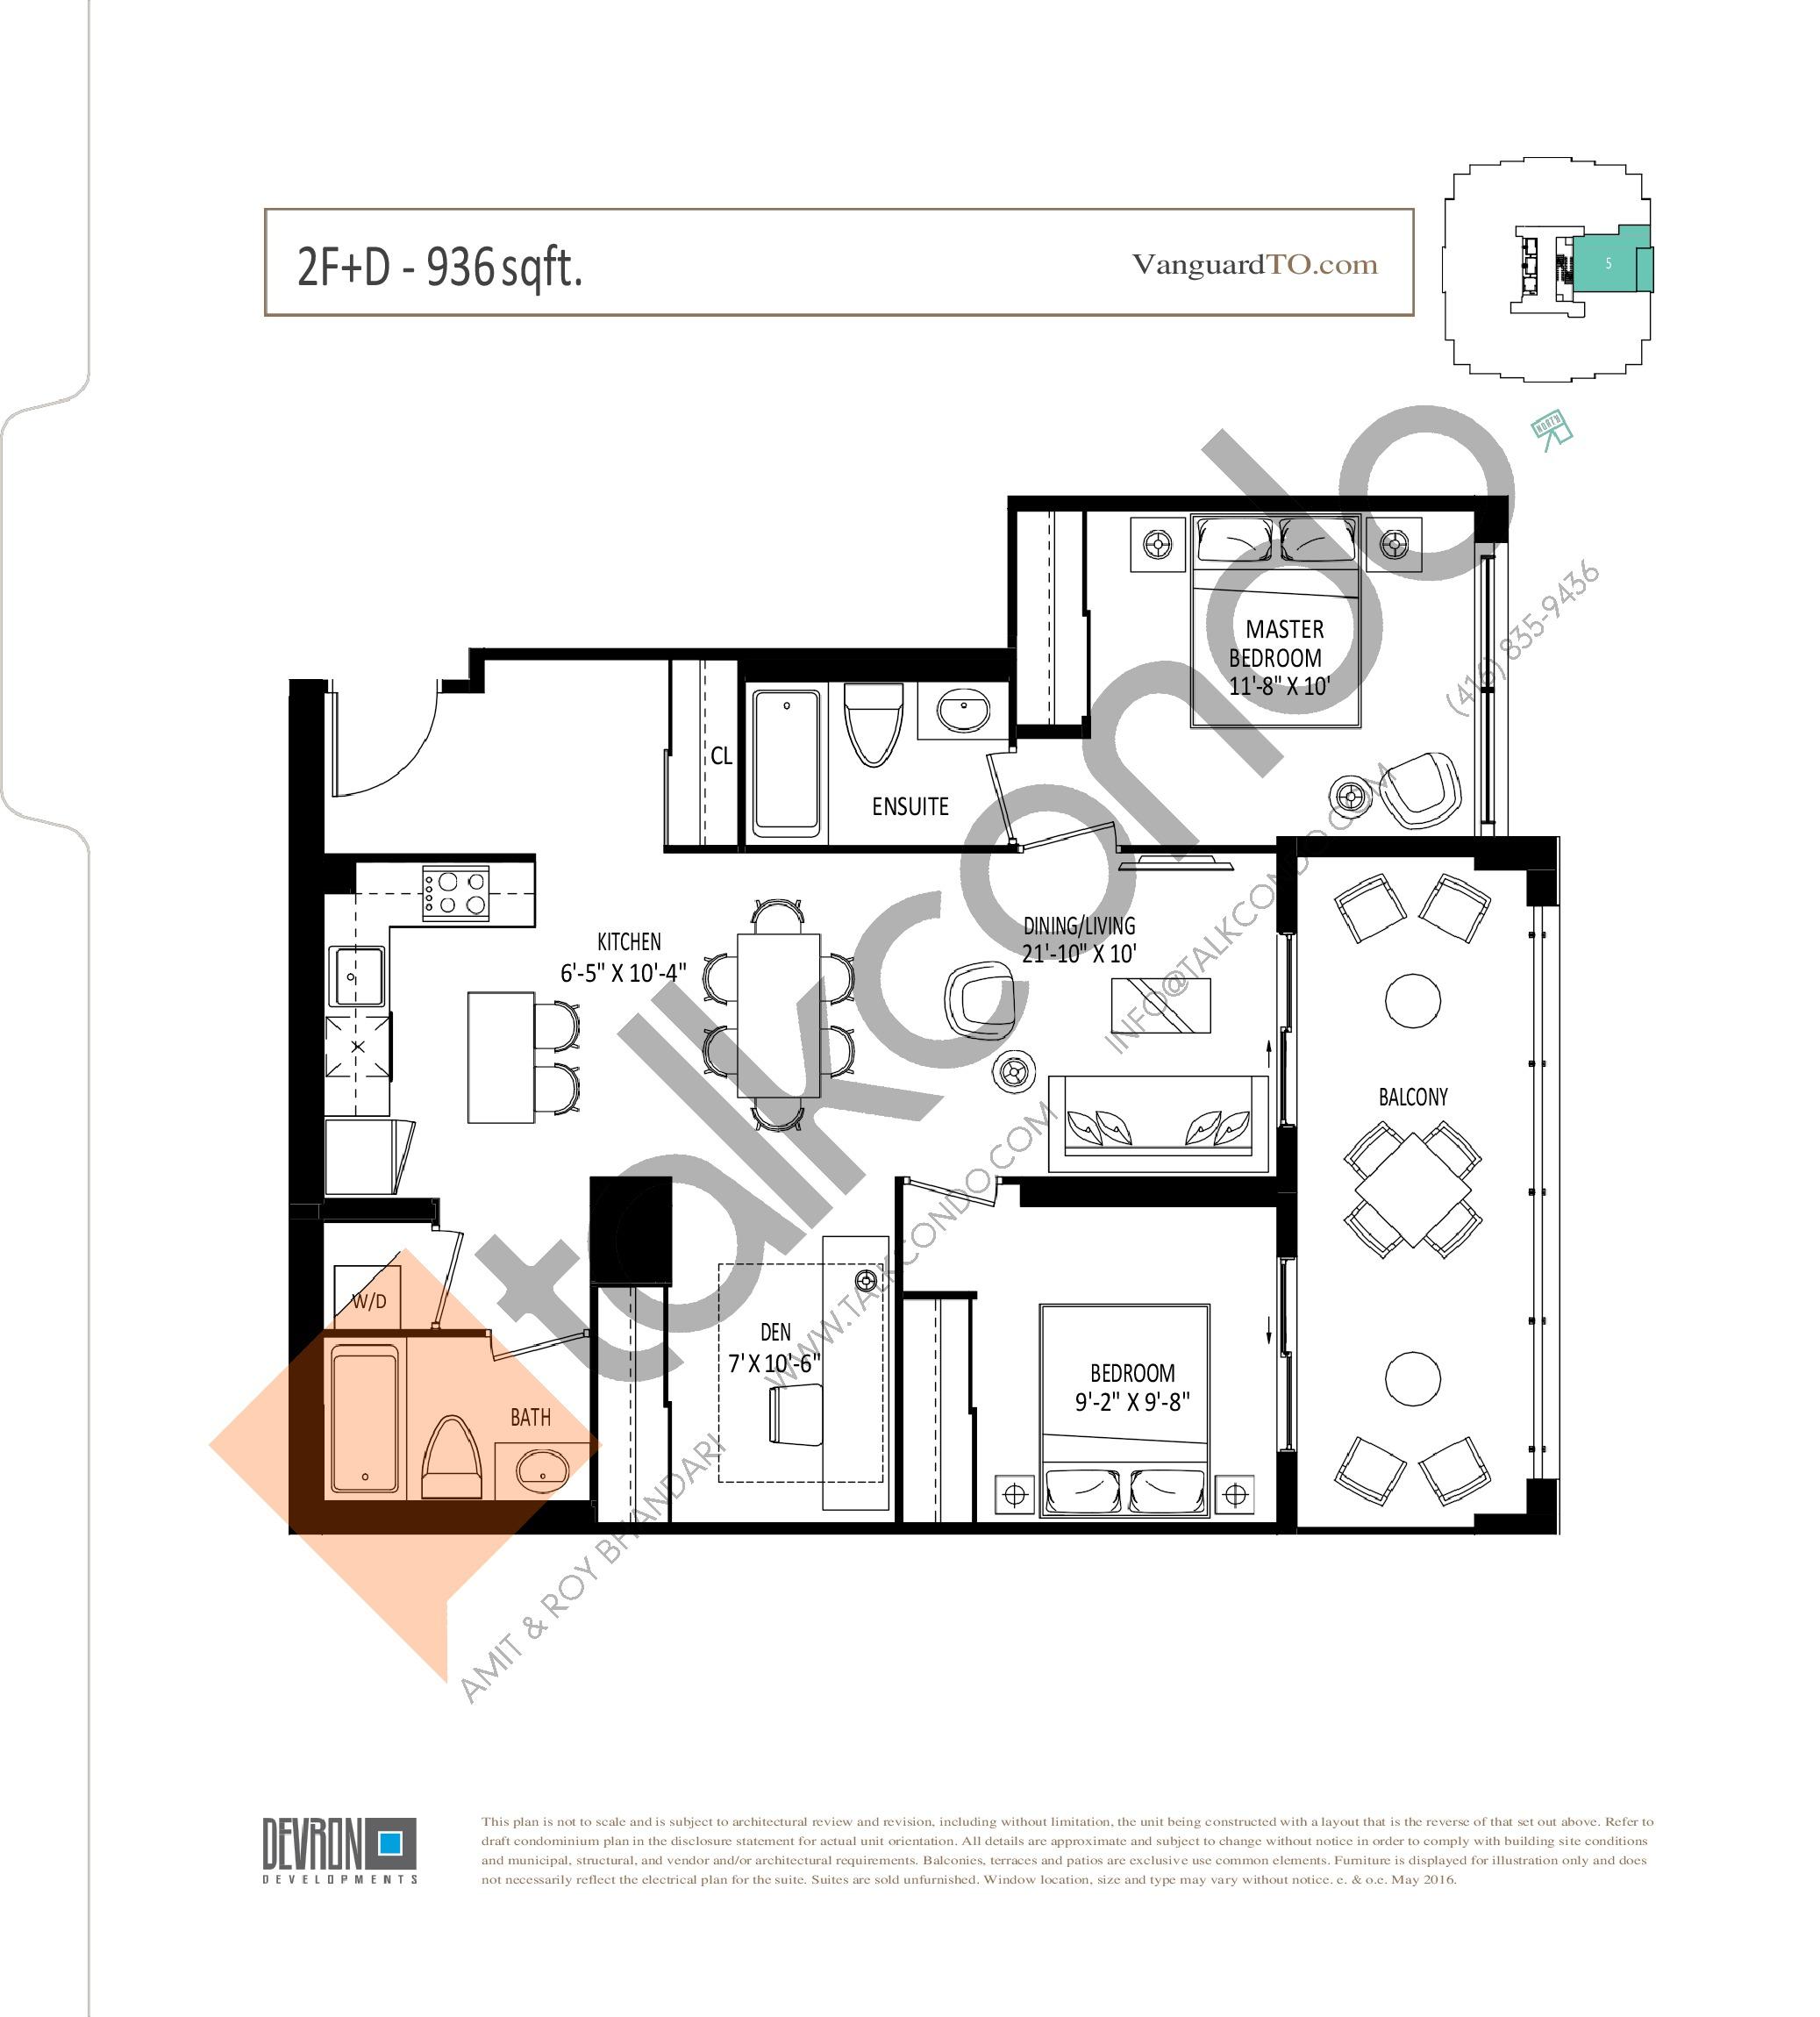 2F+D Floor Plan at The Vanguard - 936 sq.ft